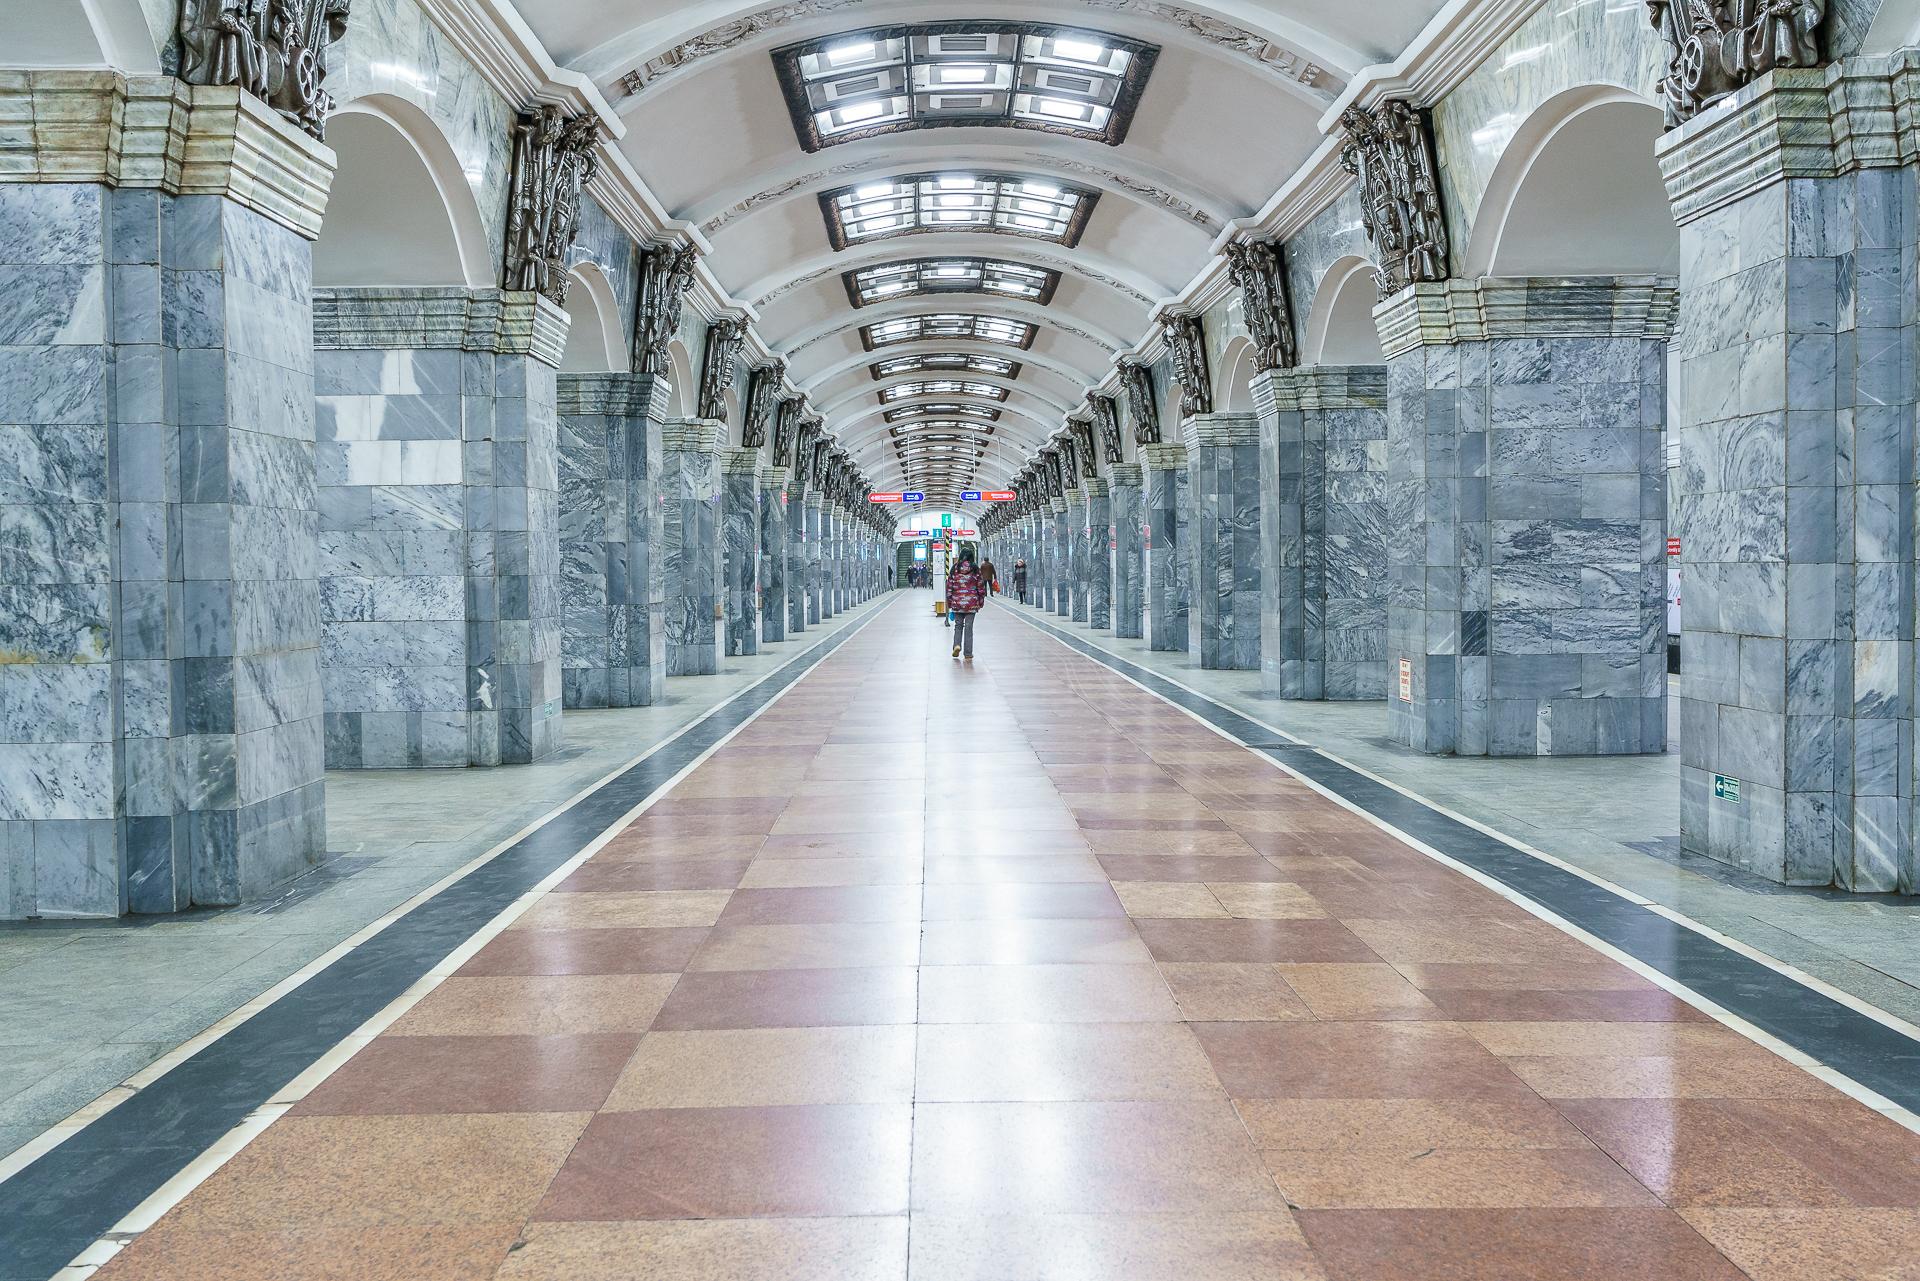 Schoenste-Metrostation-Sankt-Petersburg